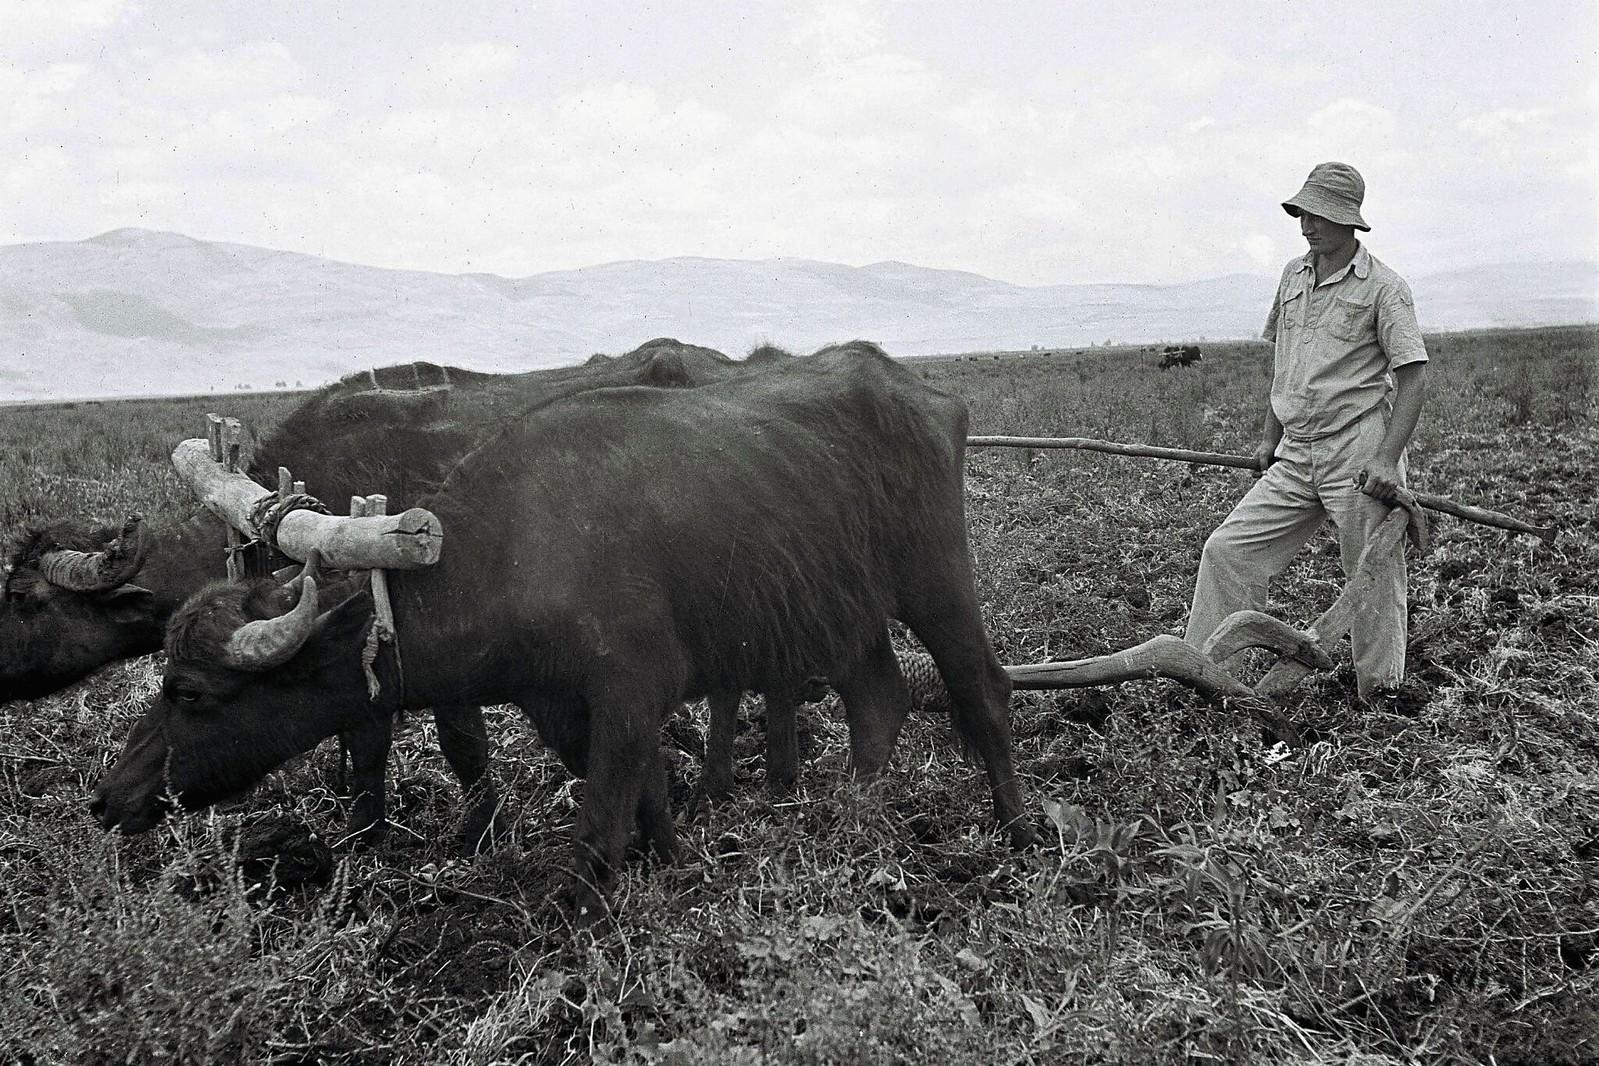 15. Член этого сообщества использует примитивный плуг, запряженный парой буйволов на полях в кибуце Амир. 1 июня